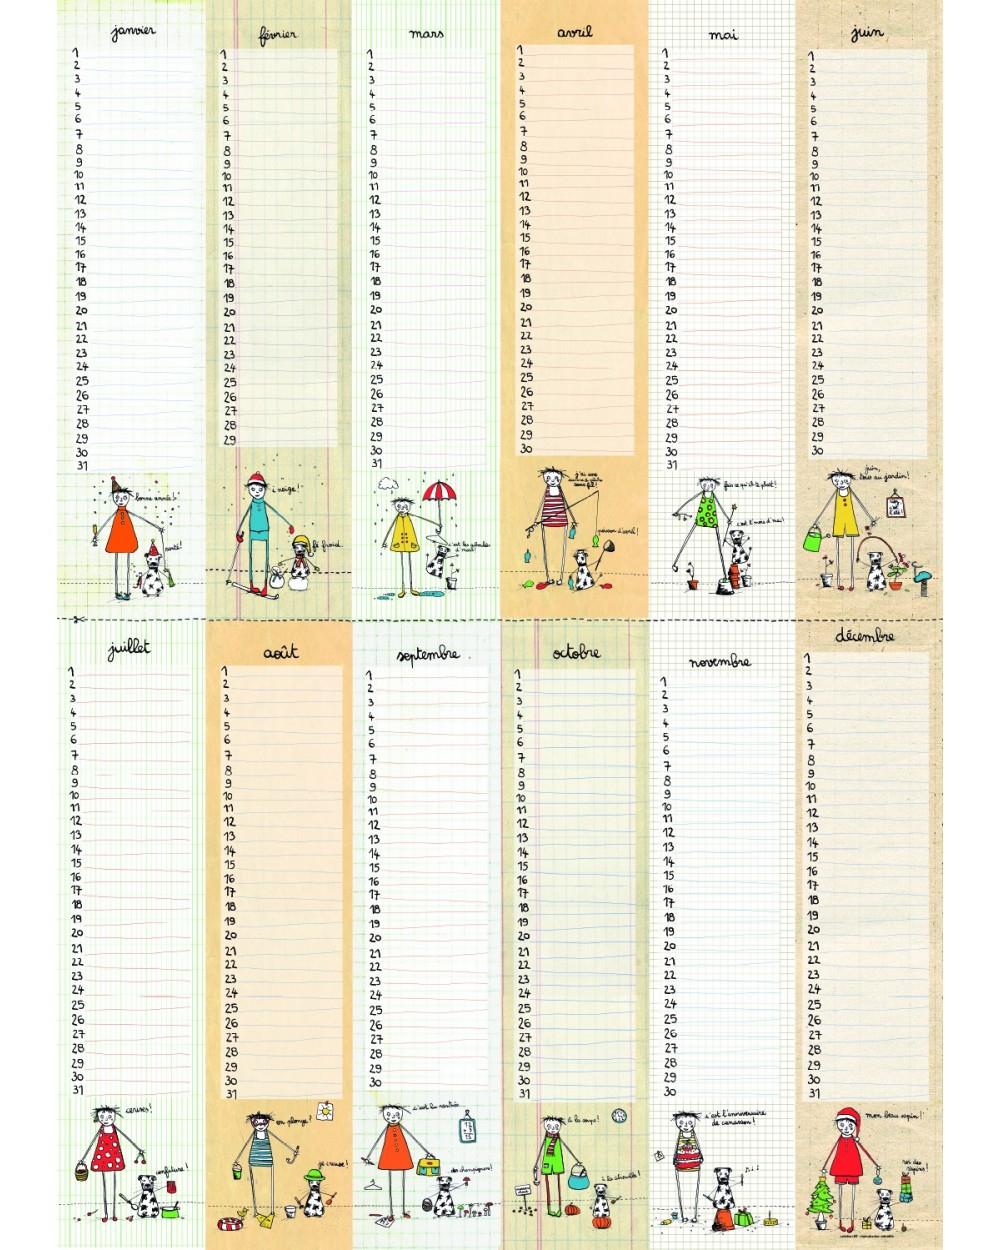 Calendrier Anniversaires Poster - Calendrier Perpétuel Filf intérieur Calendrier Des Anniversaires À Imprimer Gratuit